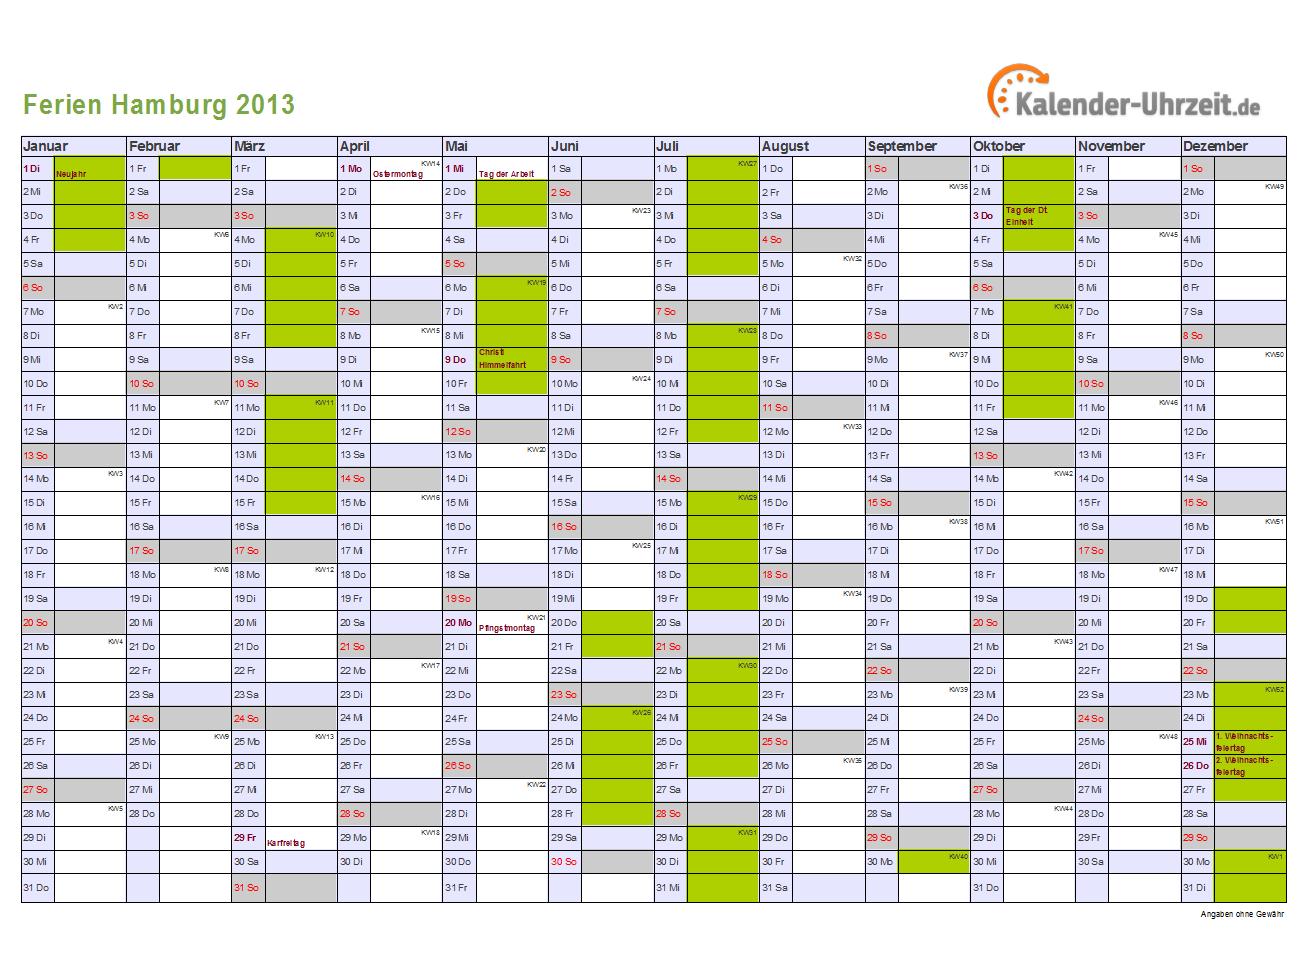 Ferienkalender 2013 Hamburg mit Feiertagen zum Ausdrucken und